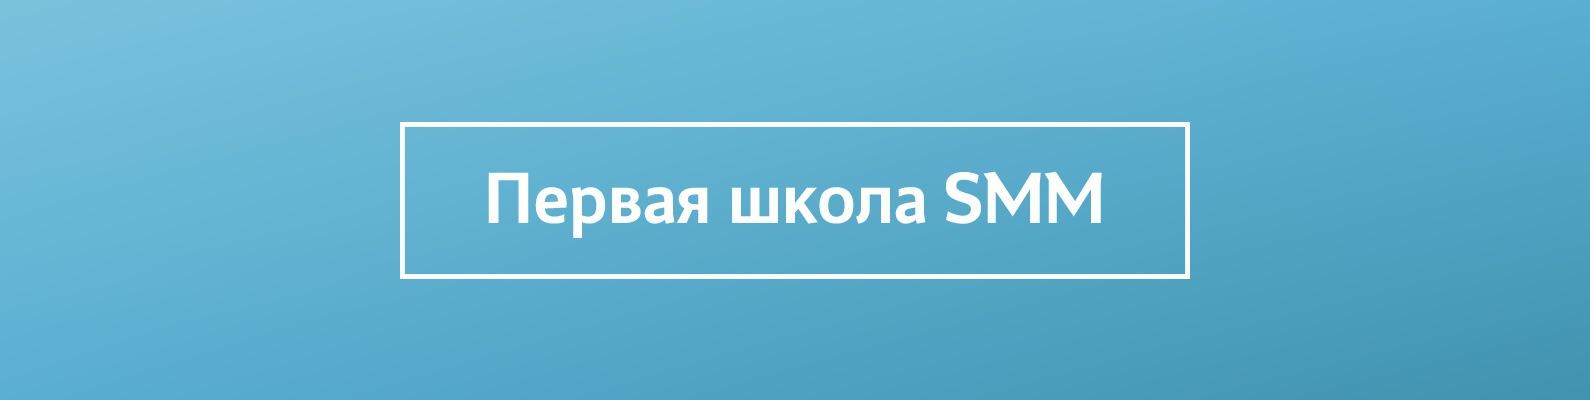 Гаш бот телеграм Хасавюрт клиника передозировки спайсами